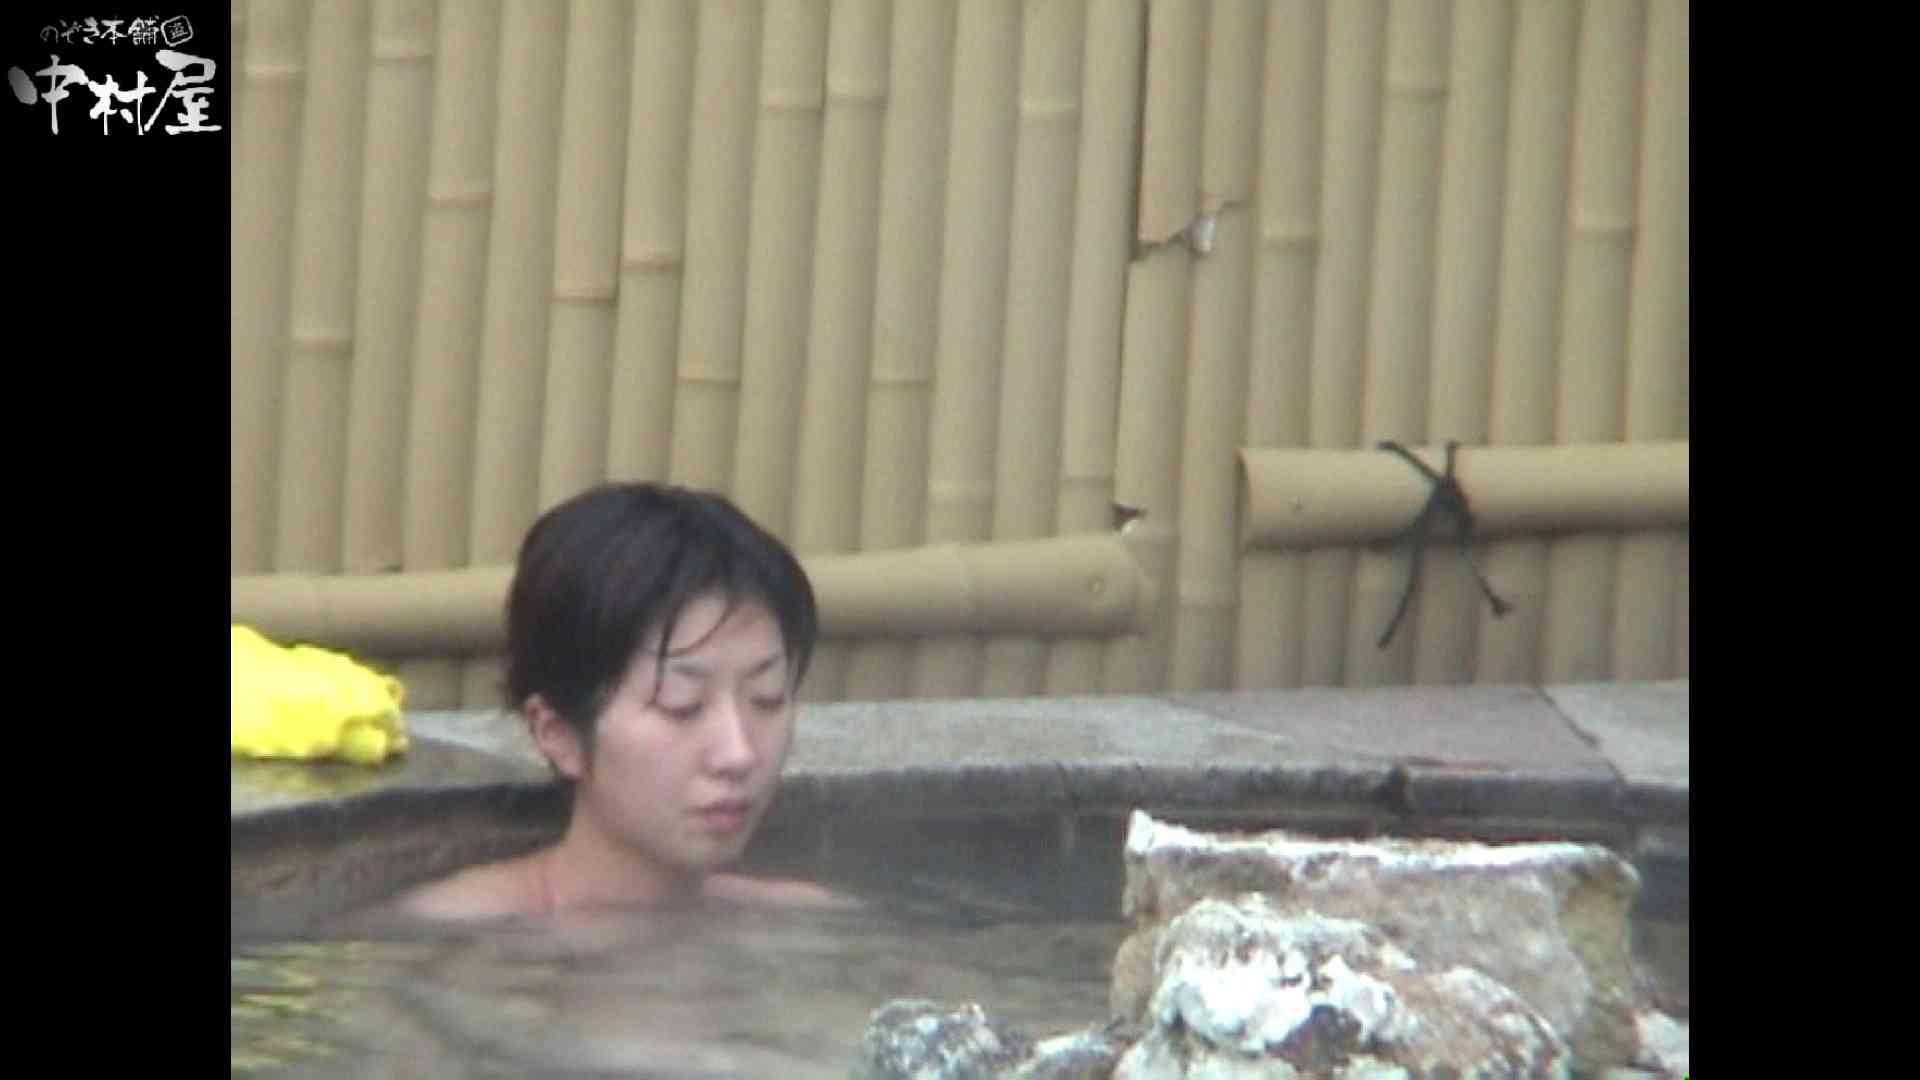 Aquaな露天風呂Vol.921 盗撮特集 | 露天  93画像 51